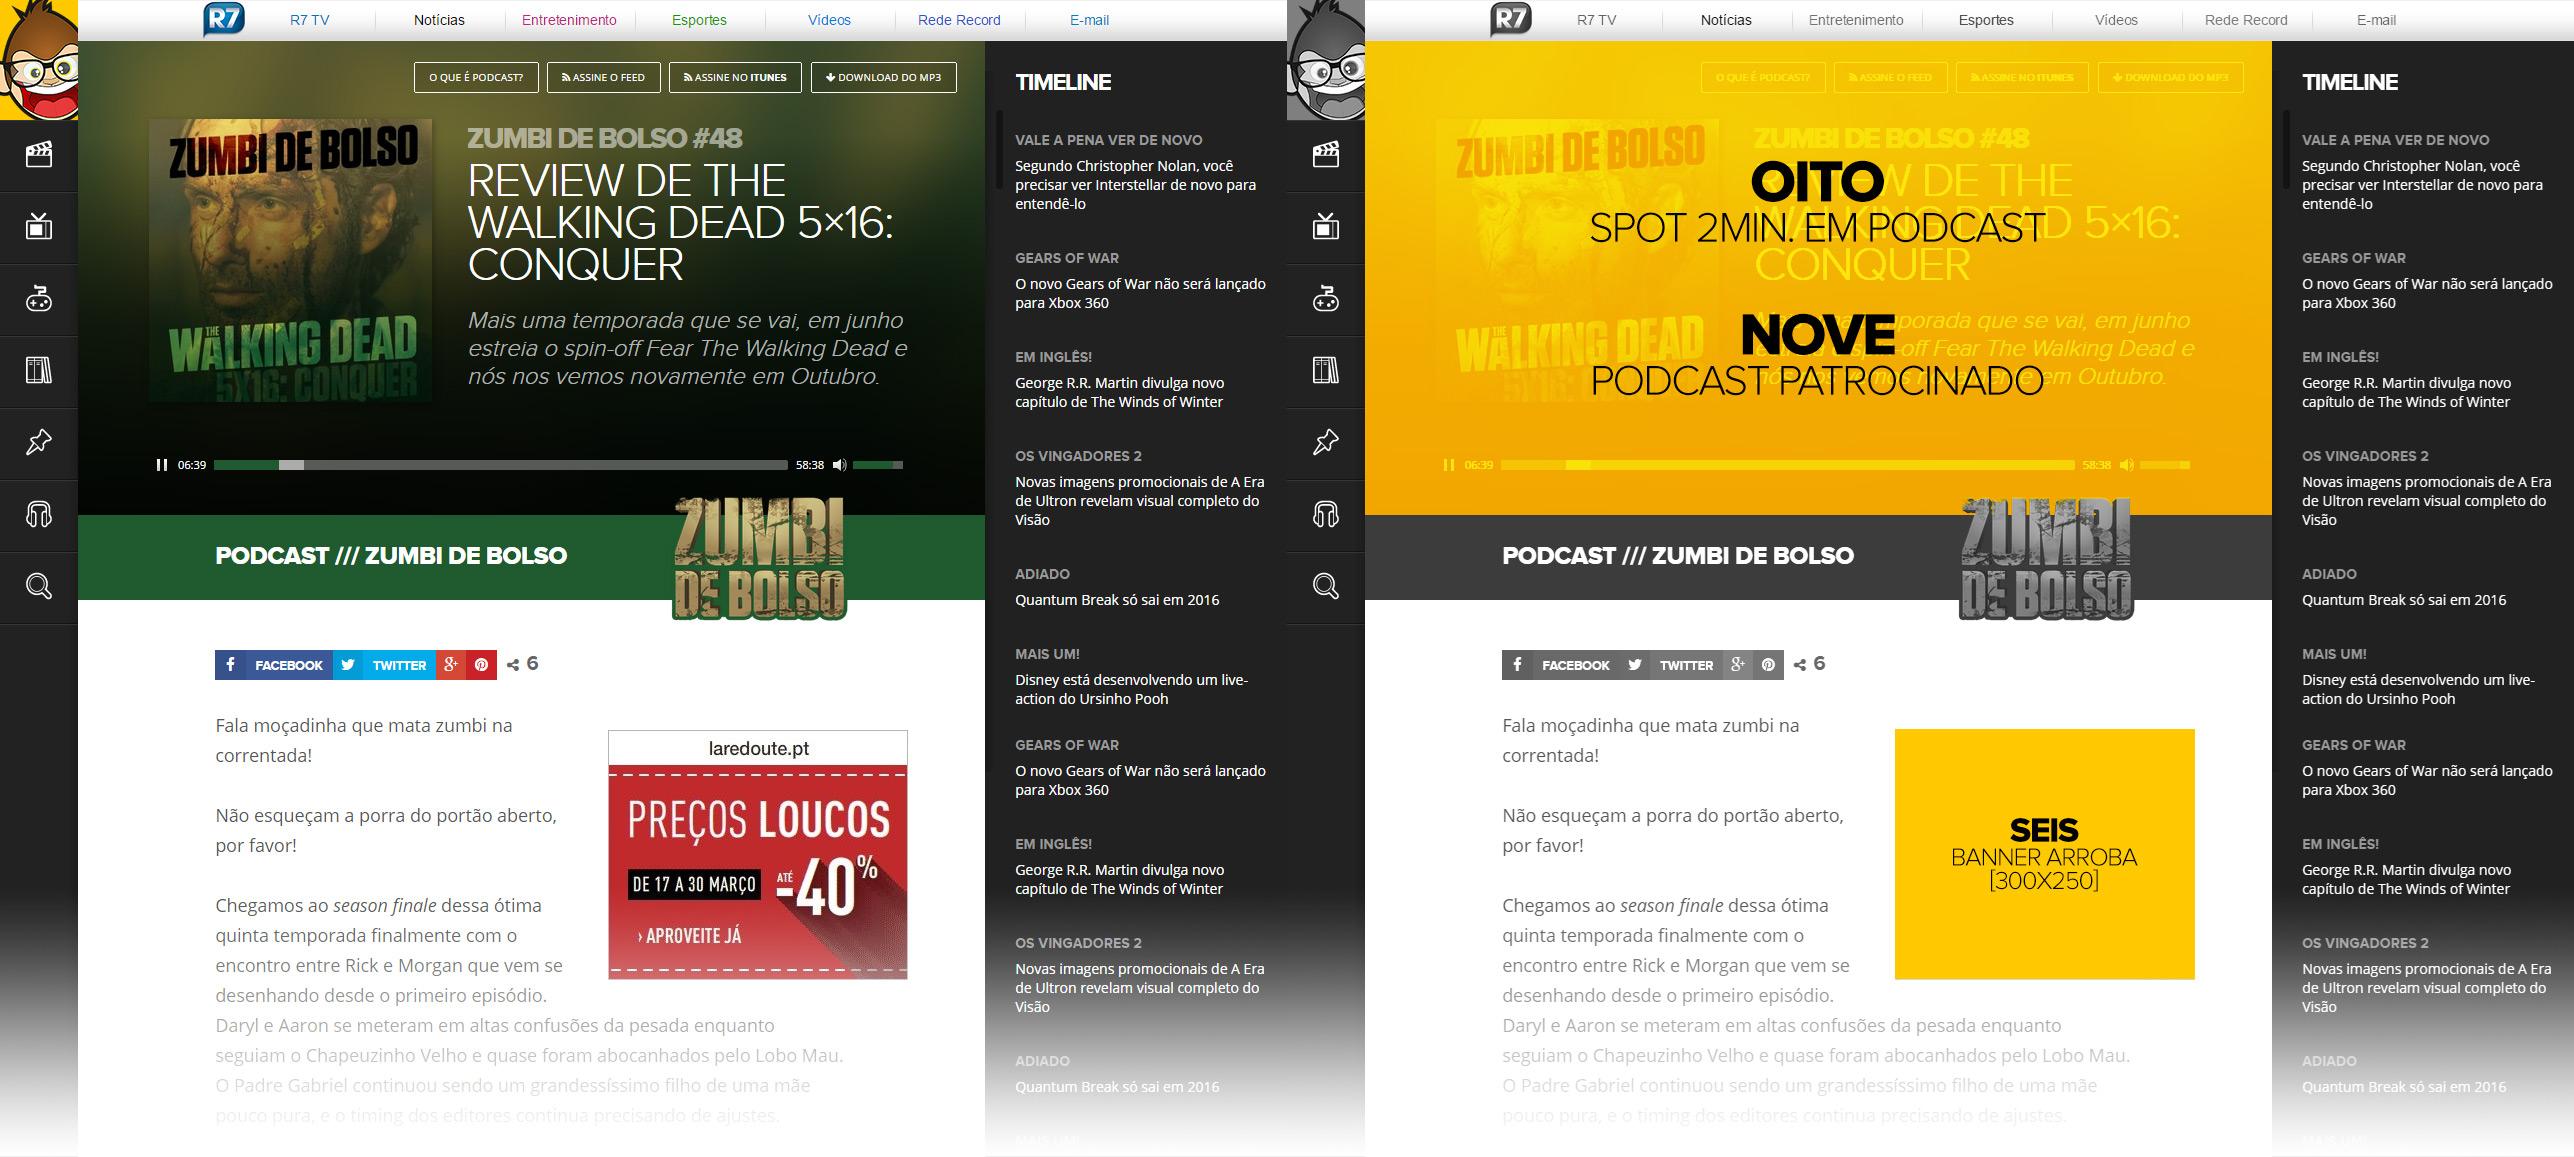 Exemplos 8 e 9 de publicidade